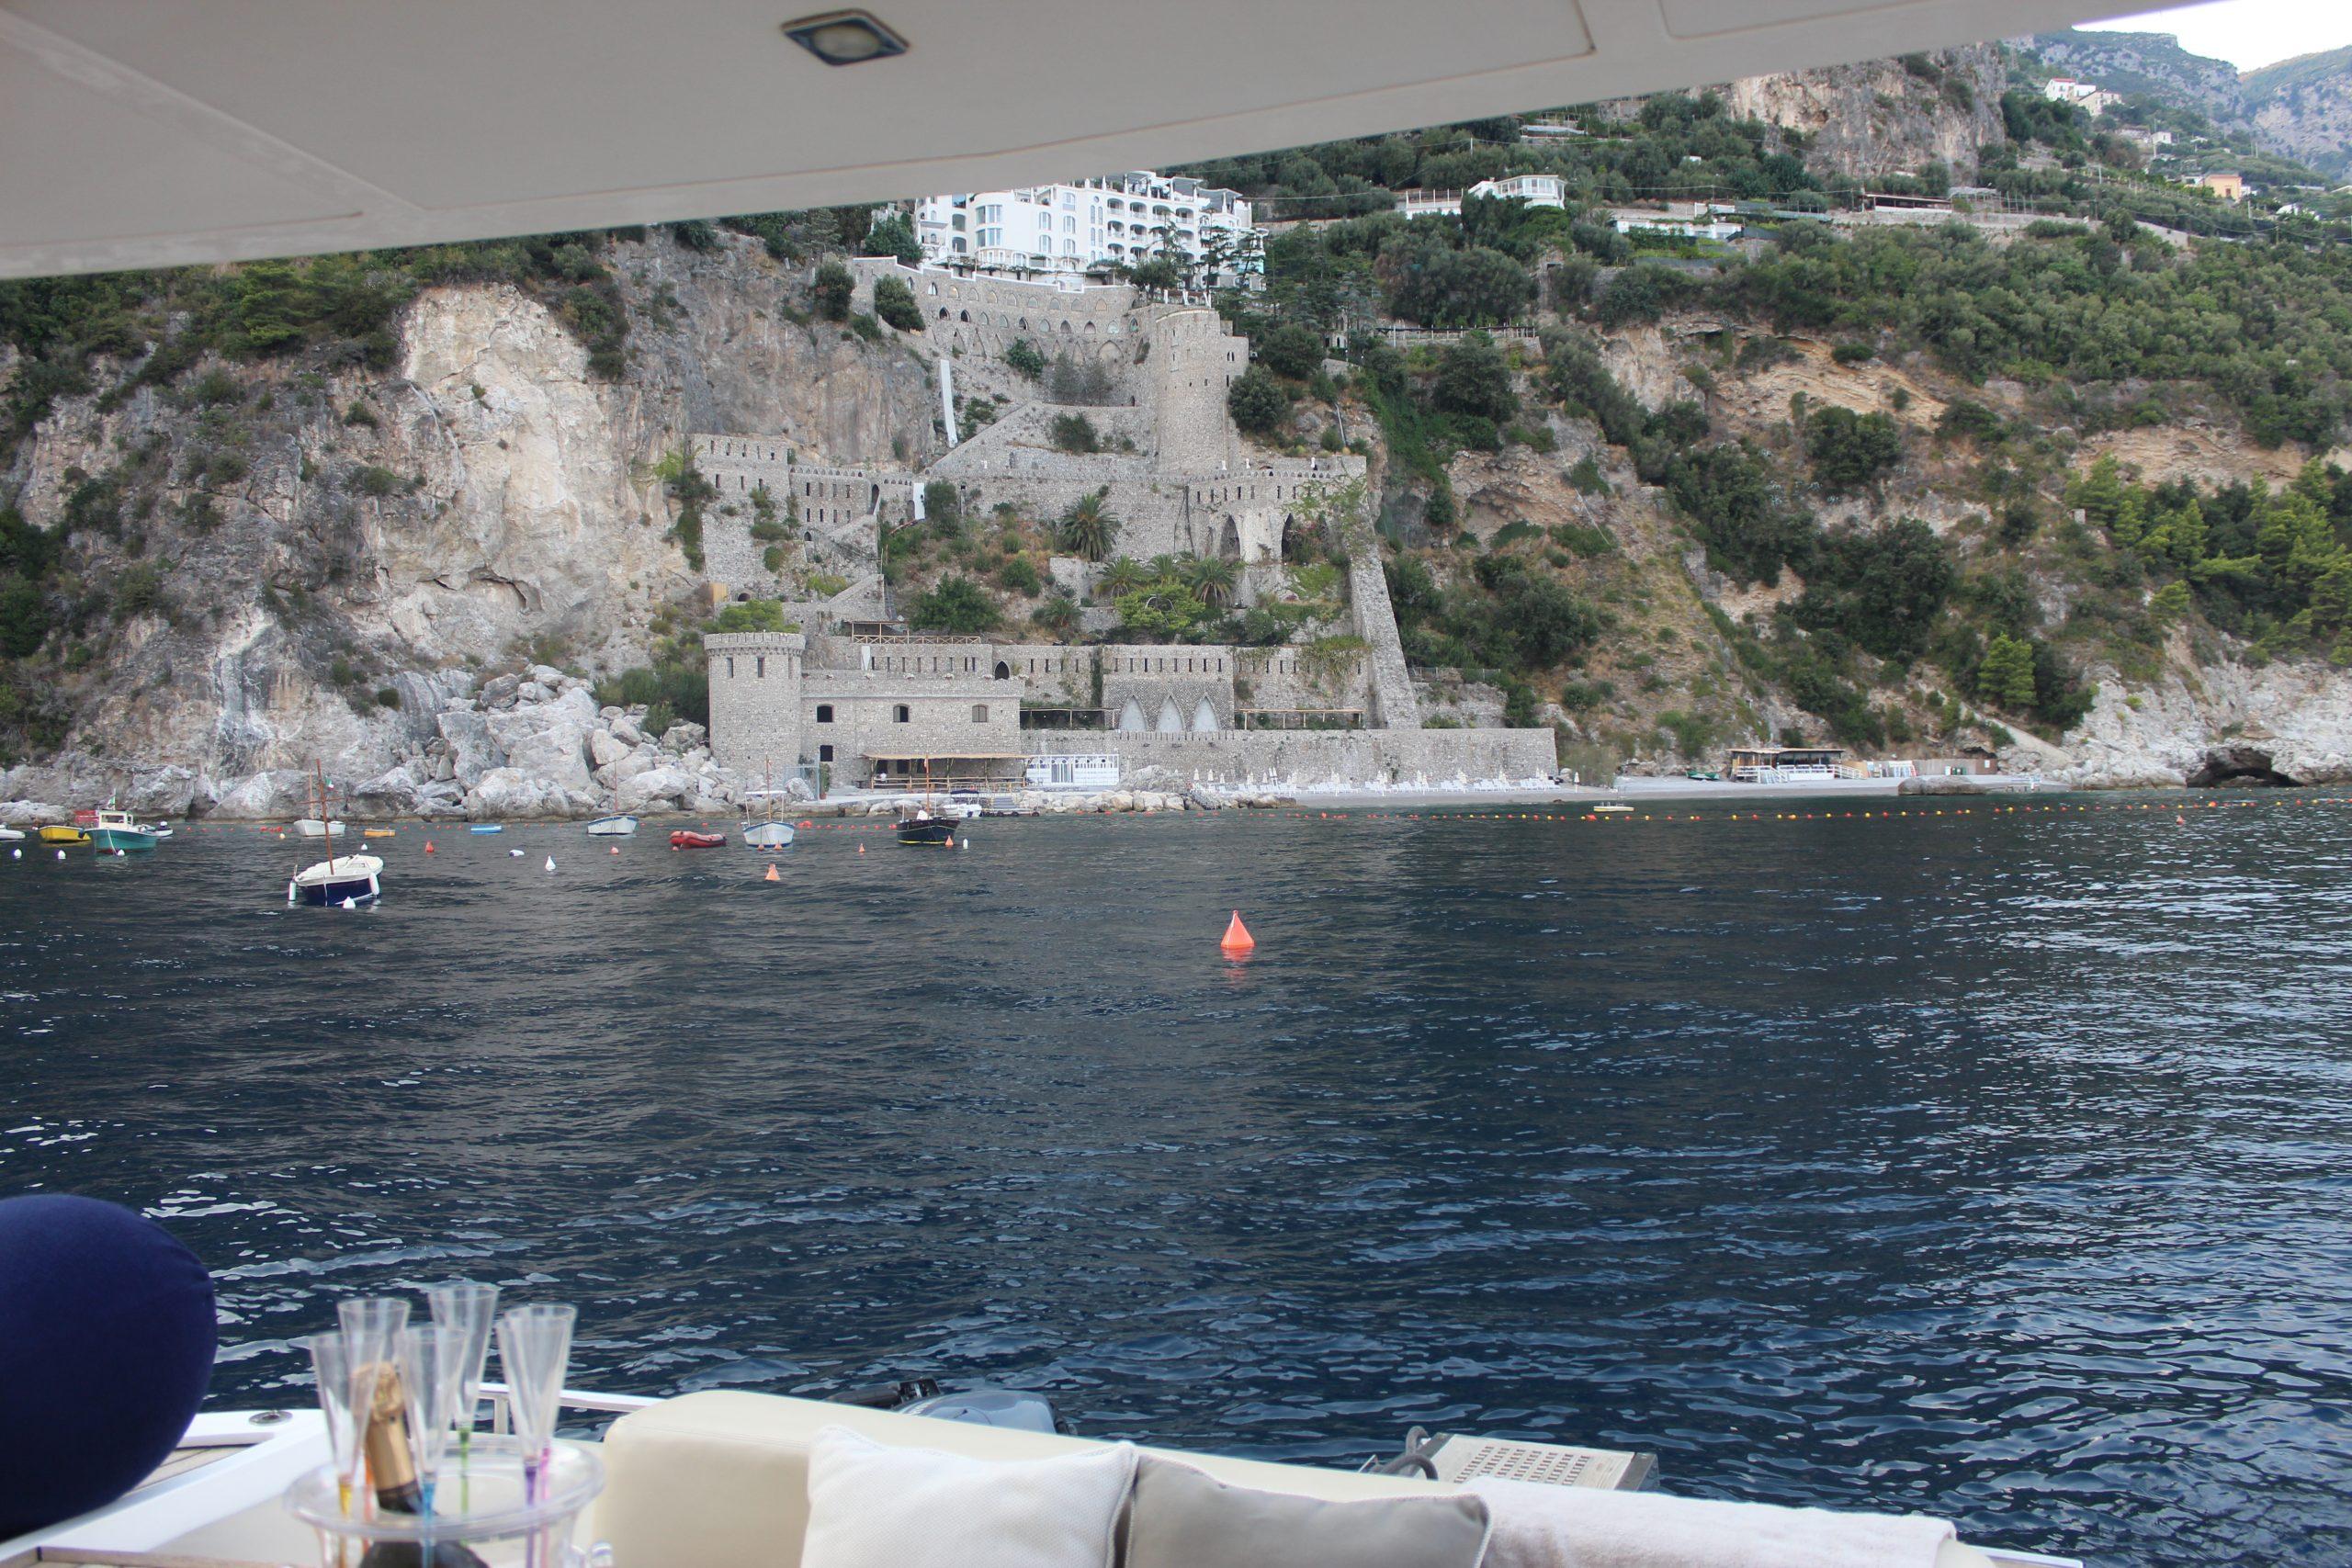 Summer Vacation Costa d'Amalfi Amalfi Coast Boat SIMONA CORSELLINI blazer PINKO camicia e gonna DIOR accessories Paola Lauretano Travel Living Trend